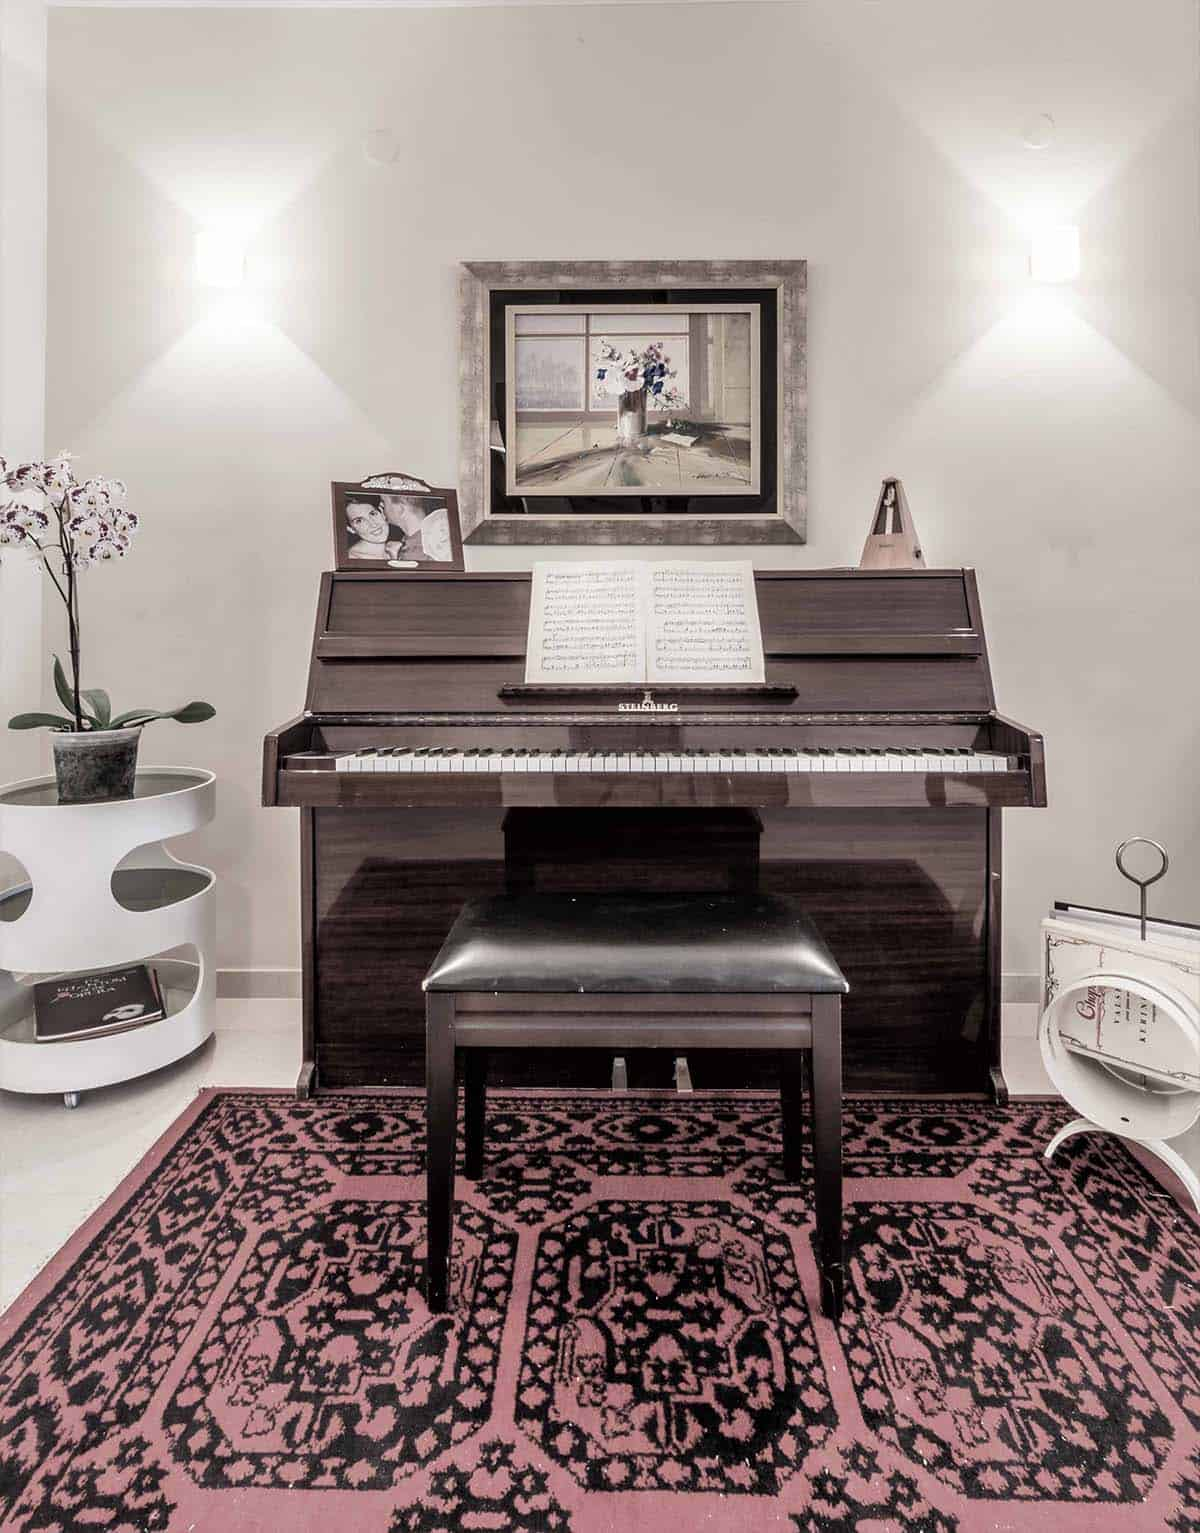 פסנתר בדירה ברעננה המואר משני צידיו במנורות קיר המפזרות אלומות אור למעלה ולמטה - שירית דרמן מעצבת פנים ויועצת תאורה